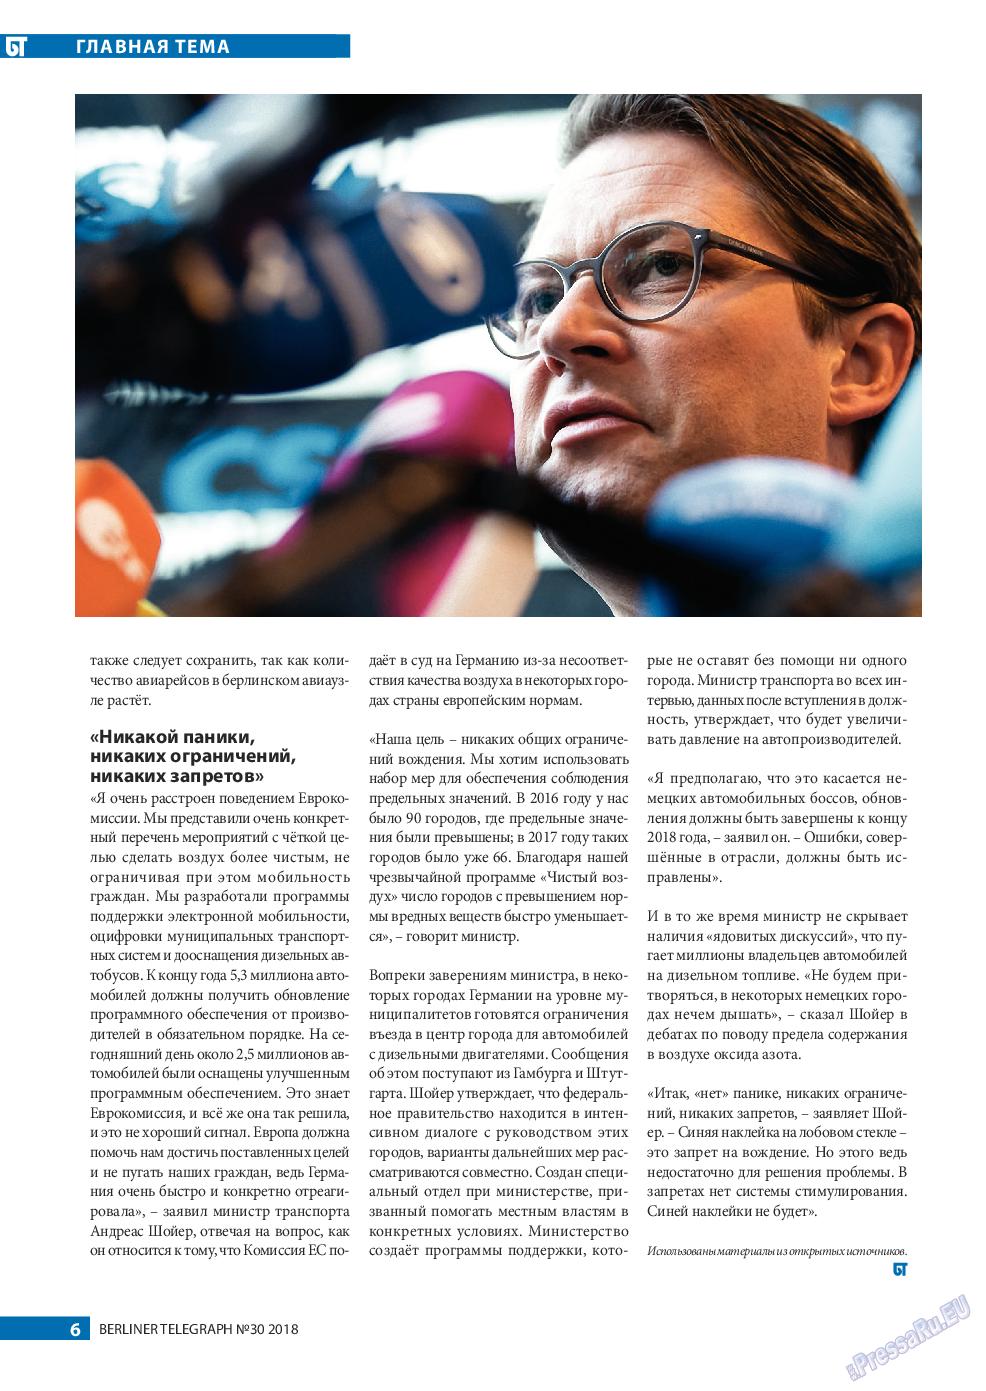 Берлинский телеграф (журнал). 2018 год, номер 30, стр. 6